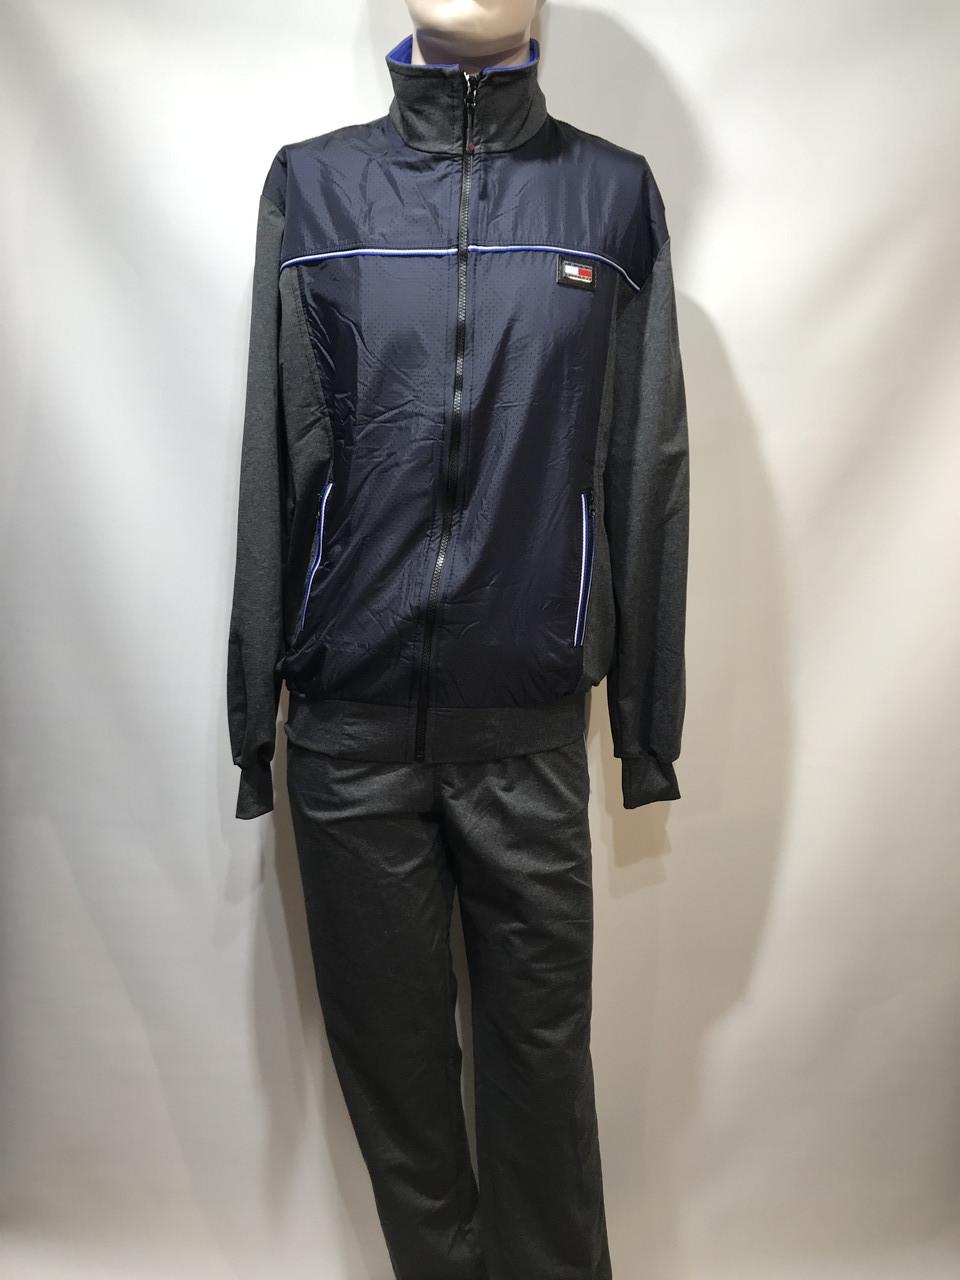 Мужской спортивный костюм  (большой размер) /темно/синий / р.56-64 отличного качества